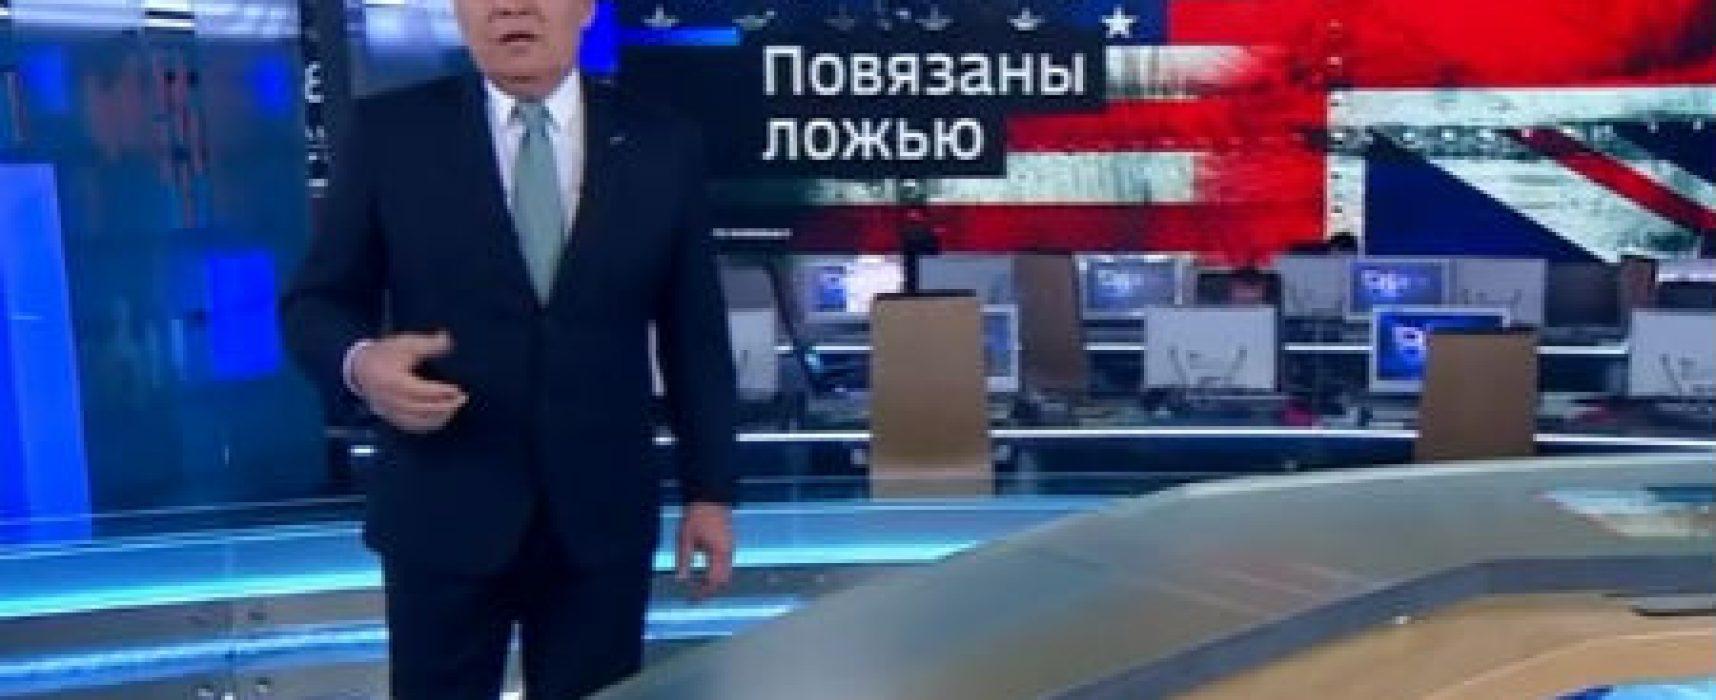 Телепропаганда. Апрель-май 2018